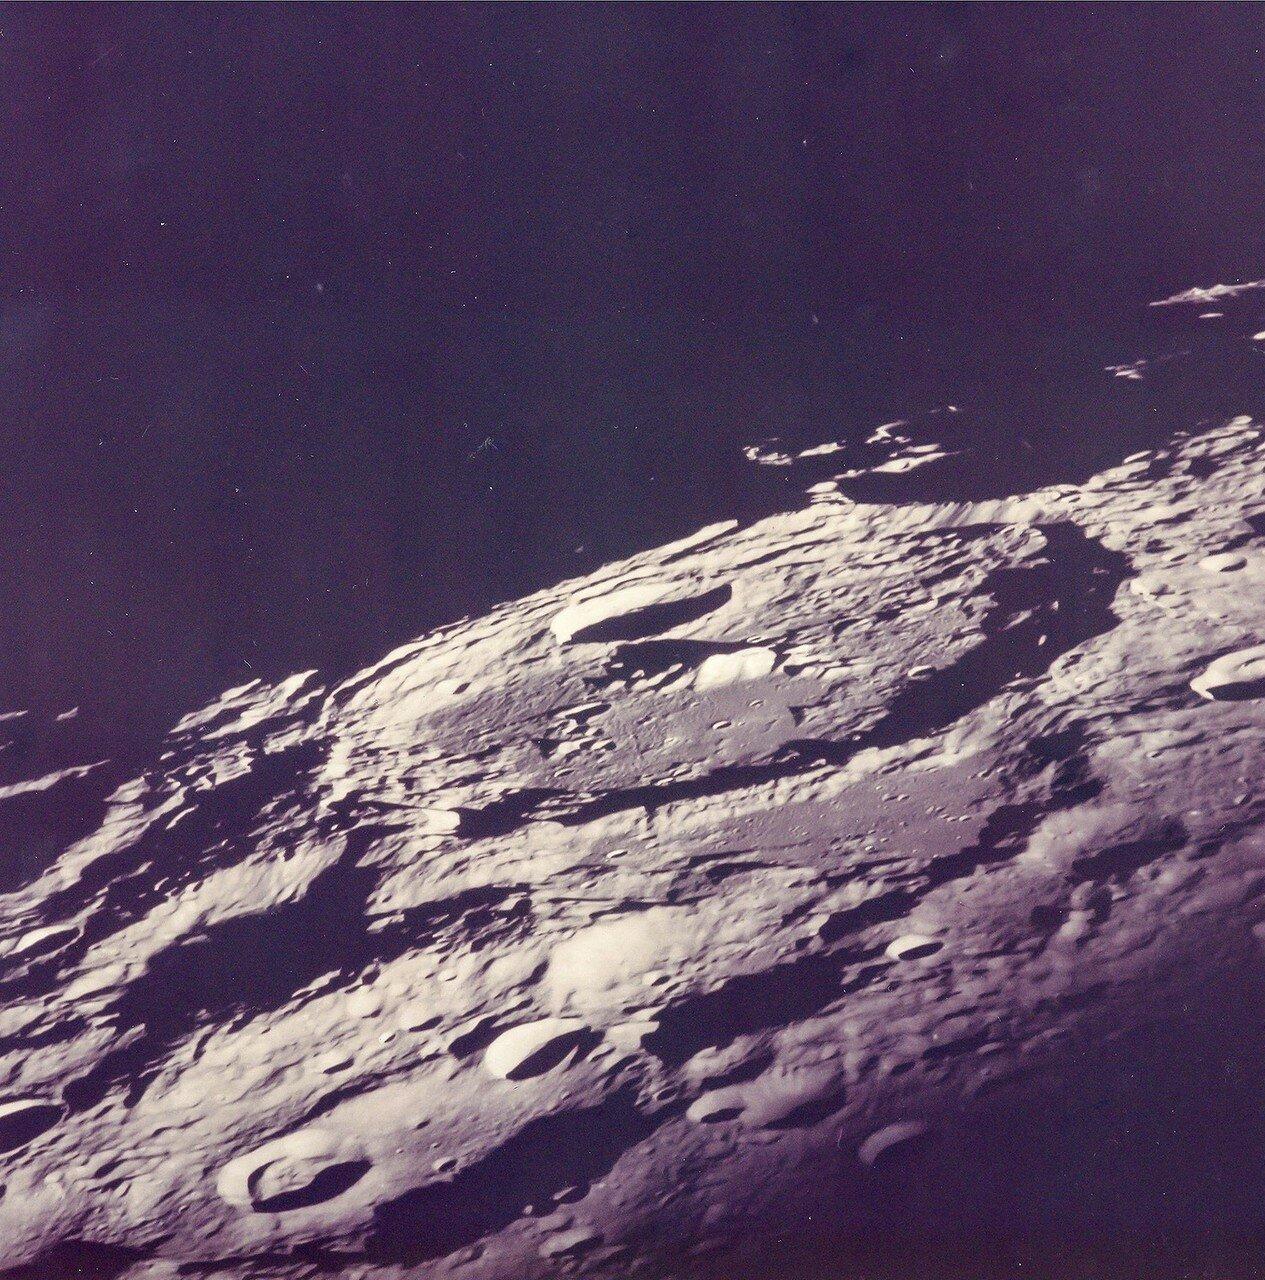 В 18:15 по времени Хьюстона (77:02:39 полётного времени) корабль скрылся за диском Луны. Радиосвязь с Землёй прекратилась. В это время экипаж занимался фотографированием поверхности обратной стороны Луны. На снимке Обратная сторона, снятая во время витка